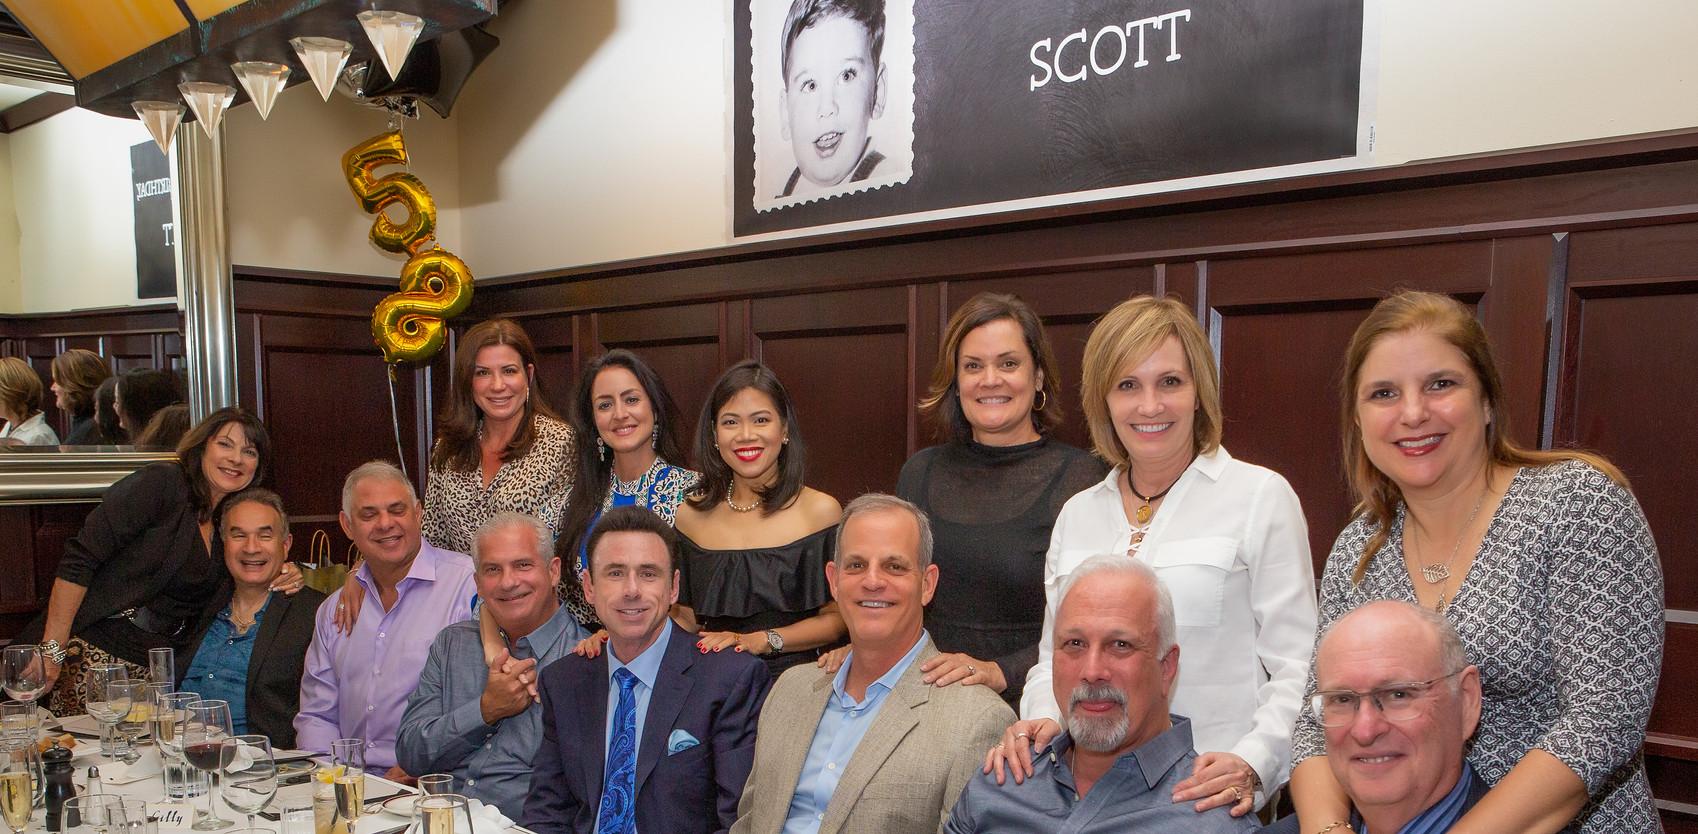 SCOTT'S BIRTHDAY PARTY 2019-8.jpg